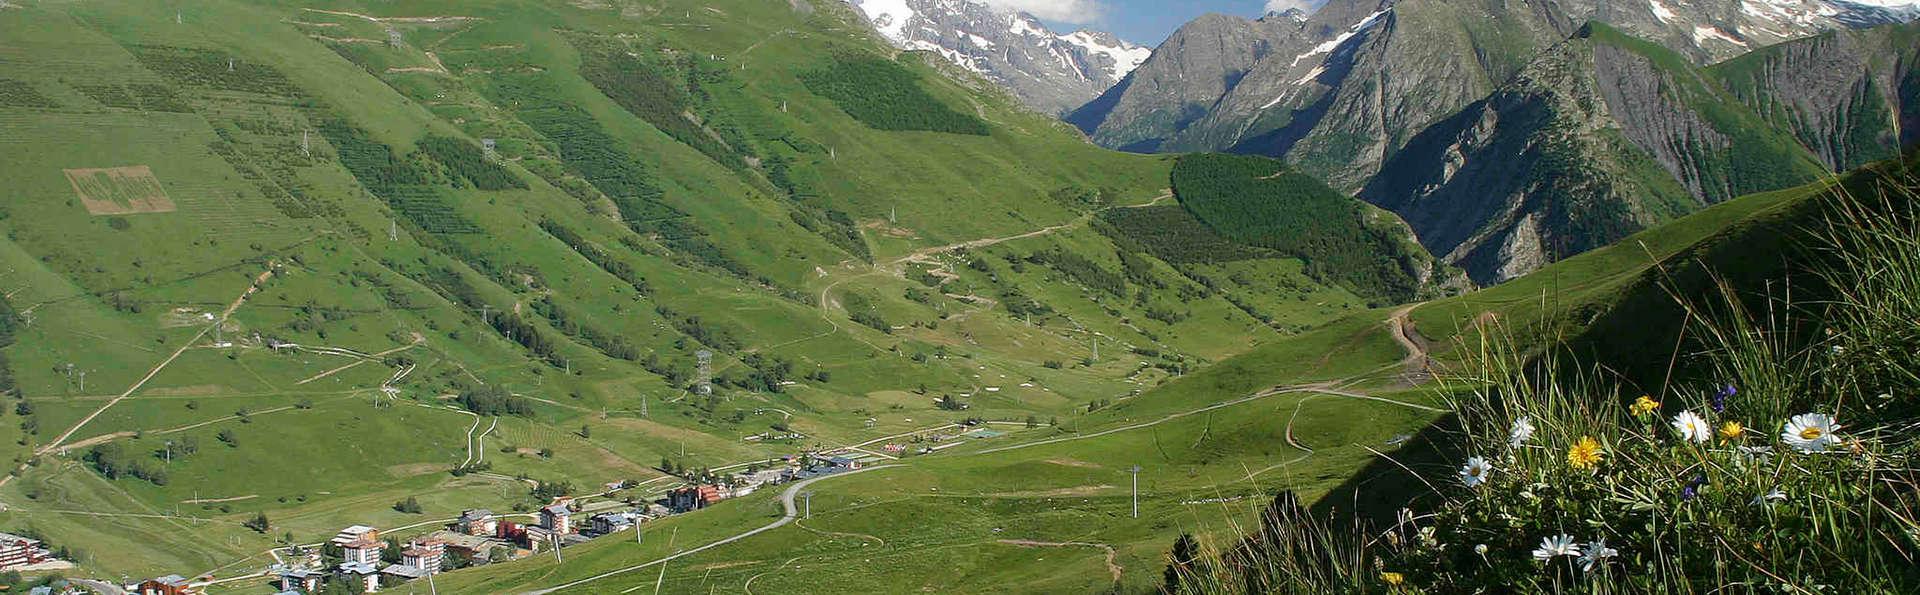 Hôtel Mercure Les Deux Alpes 1800 - Edit_Destination2.jpg